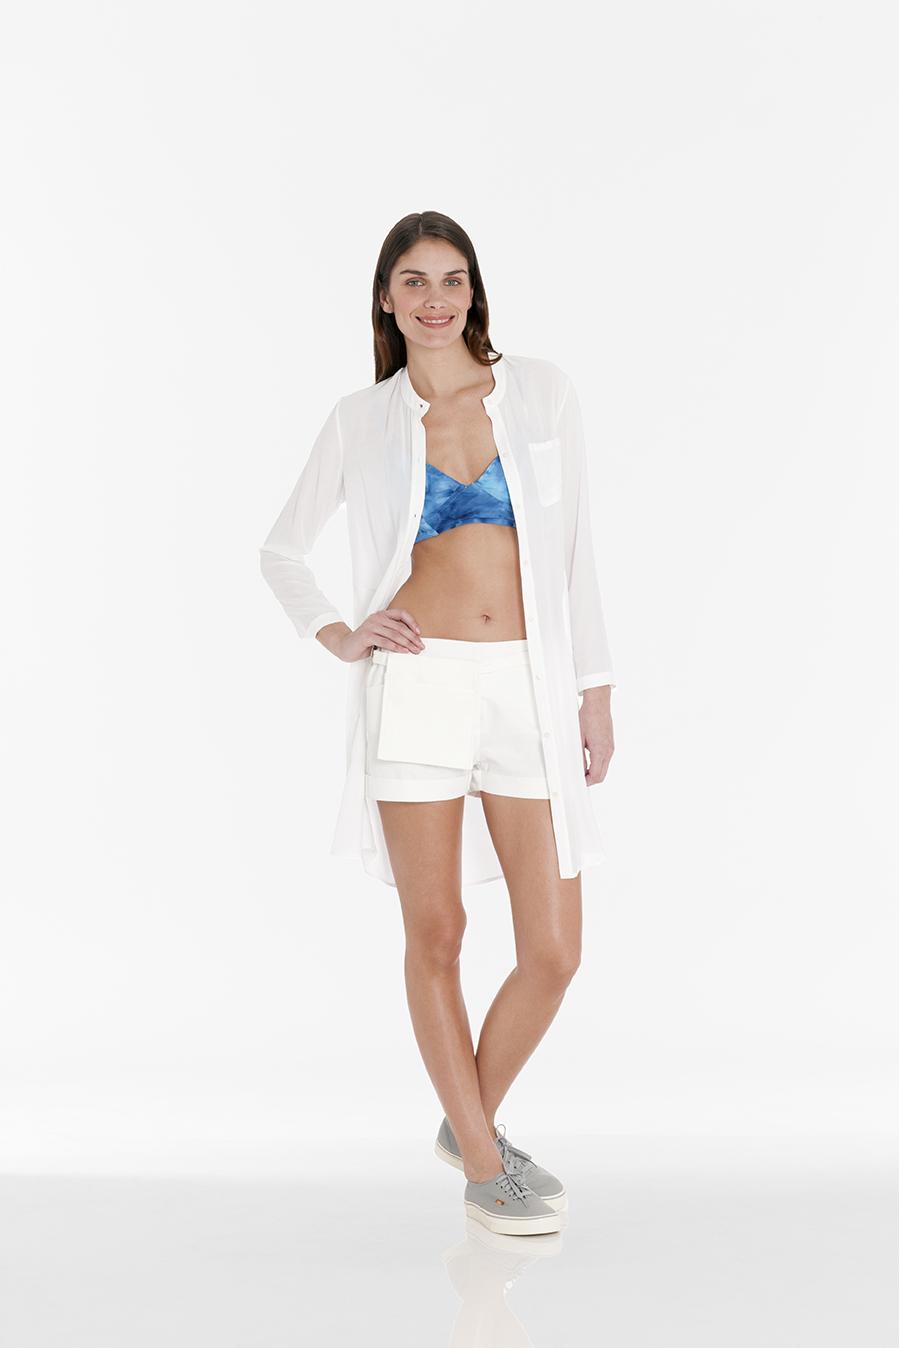 Shirt 746 Bikini Top 1805 Short 2012 Pouch 2004